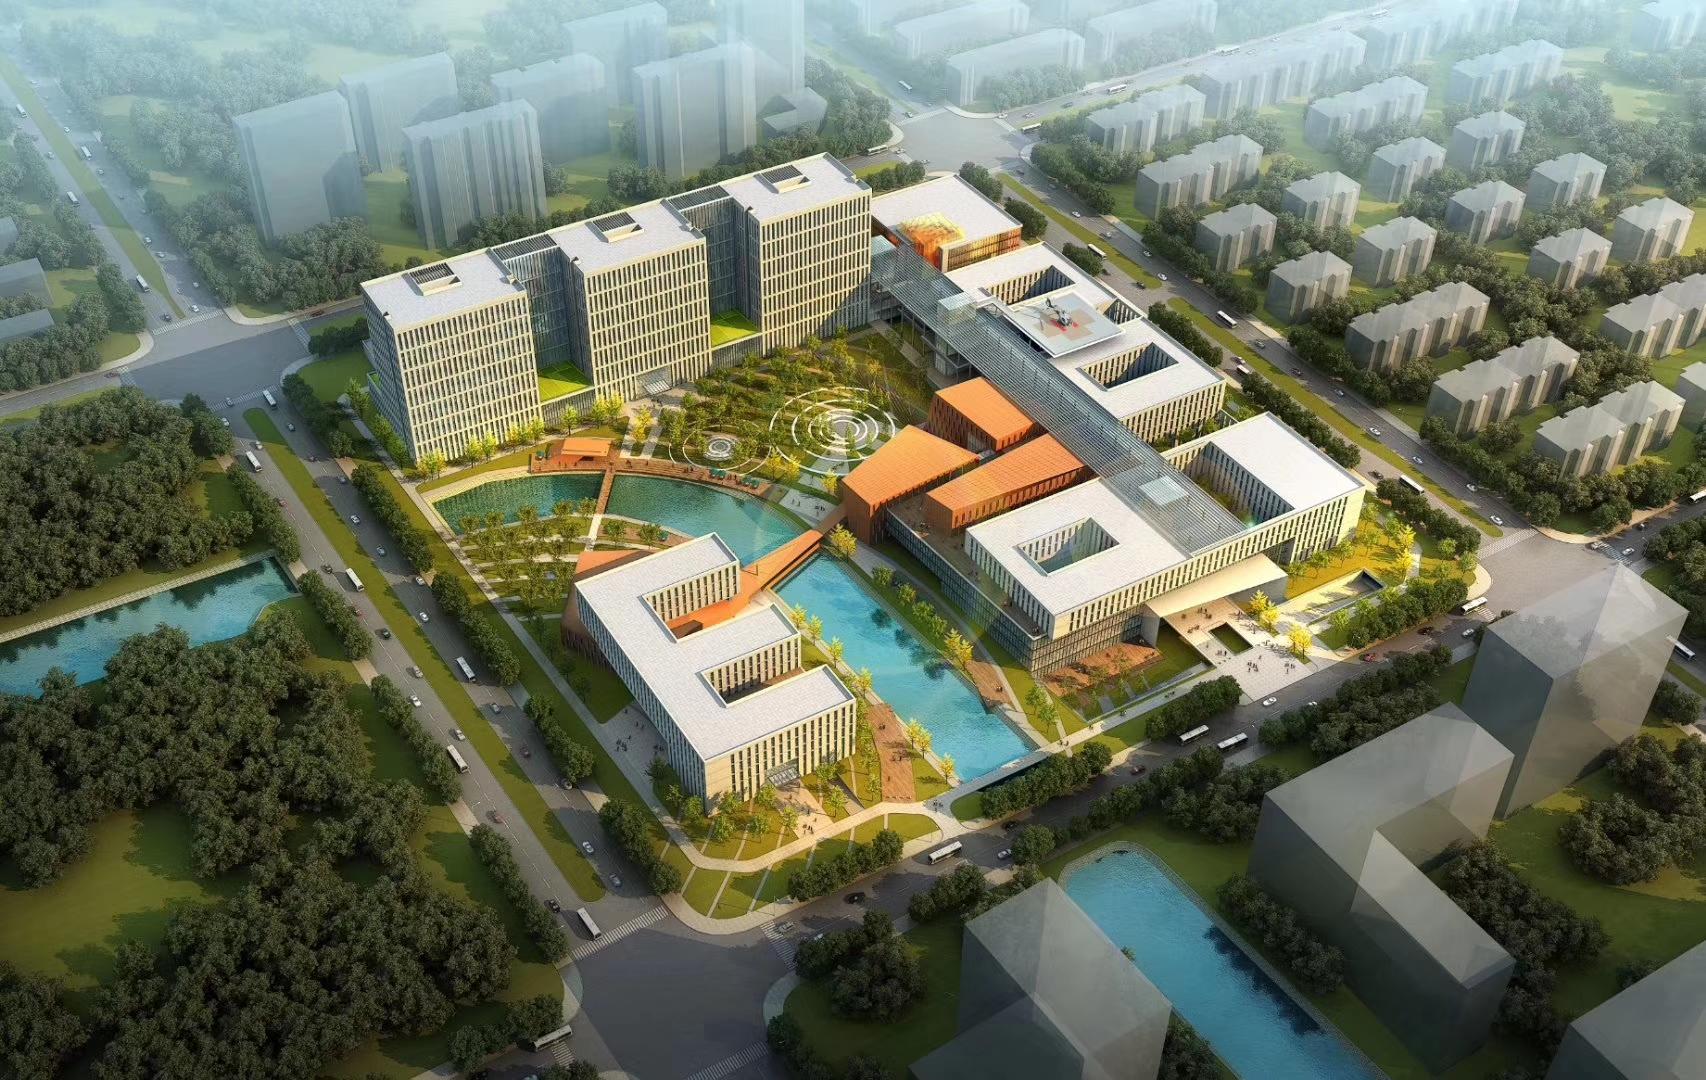 北京大学第一医院城南院区基建项目全过程管理平台系统正式运行!